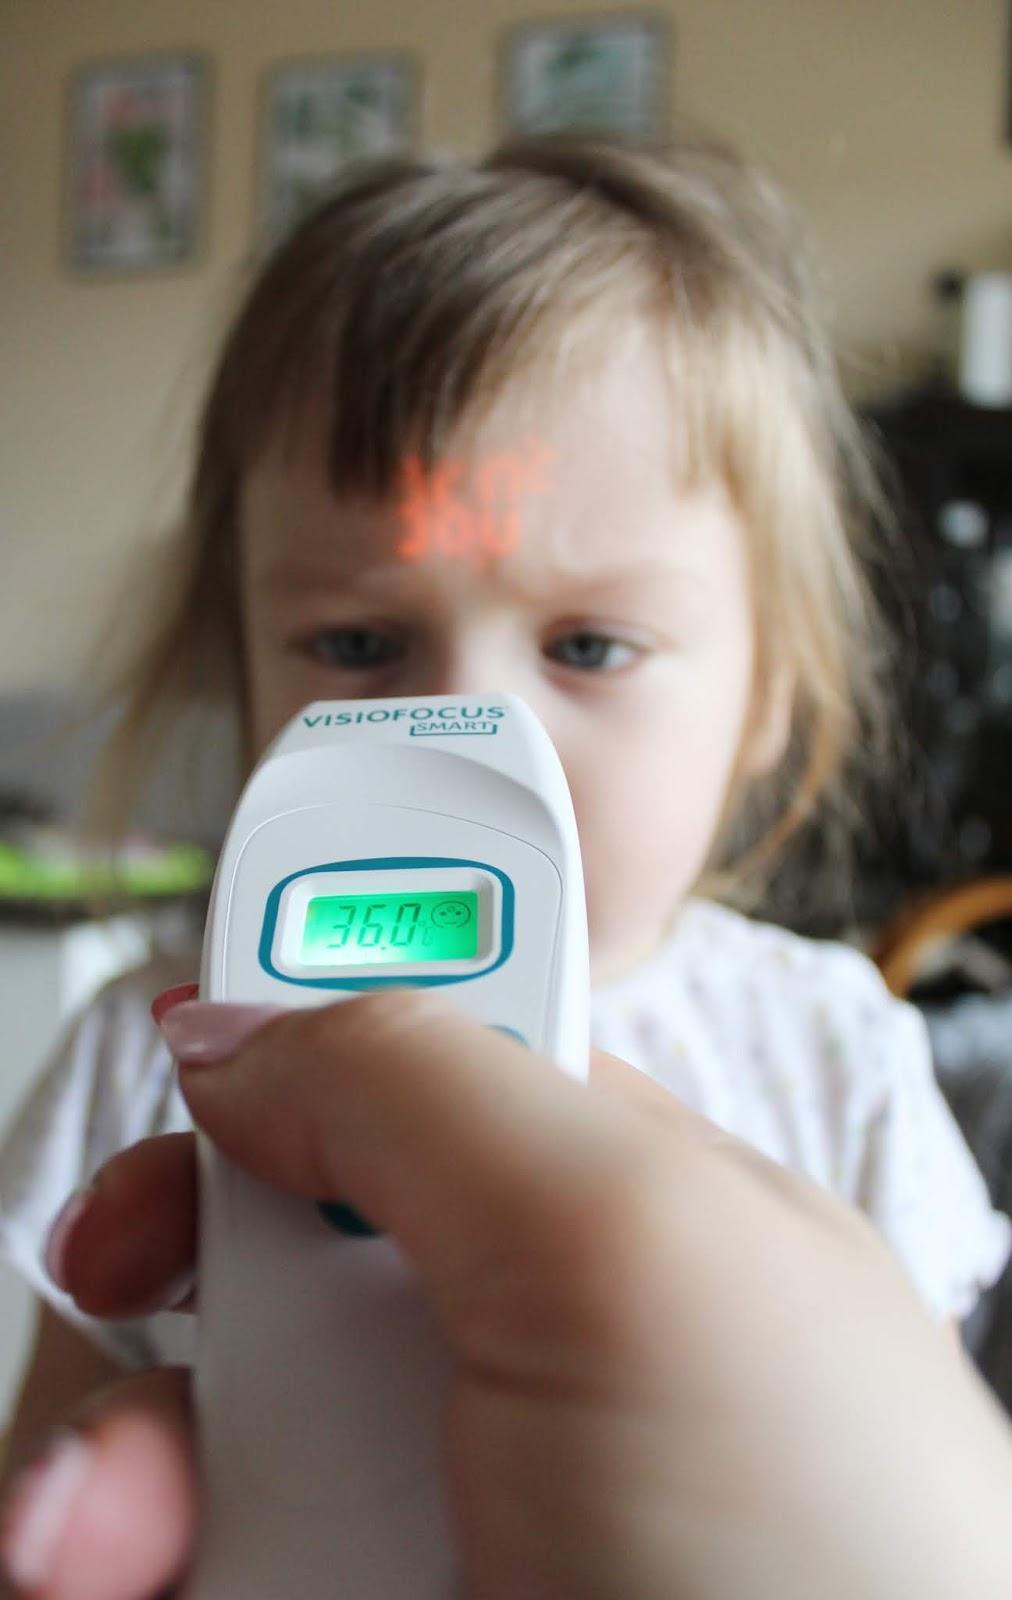 Visiofocus smart - dobry termometr dla dziecka, niemowlaka i dorosłego